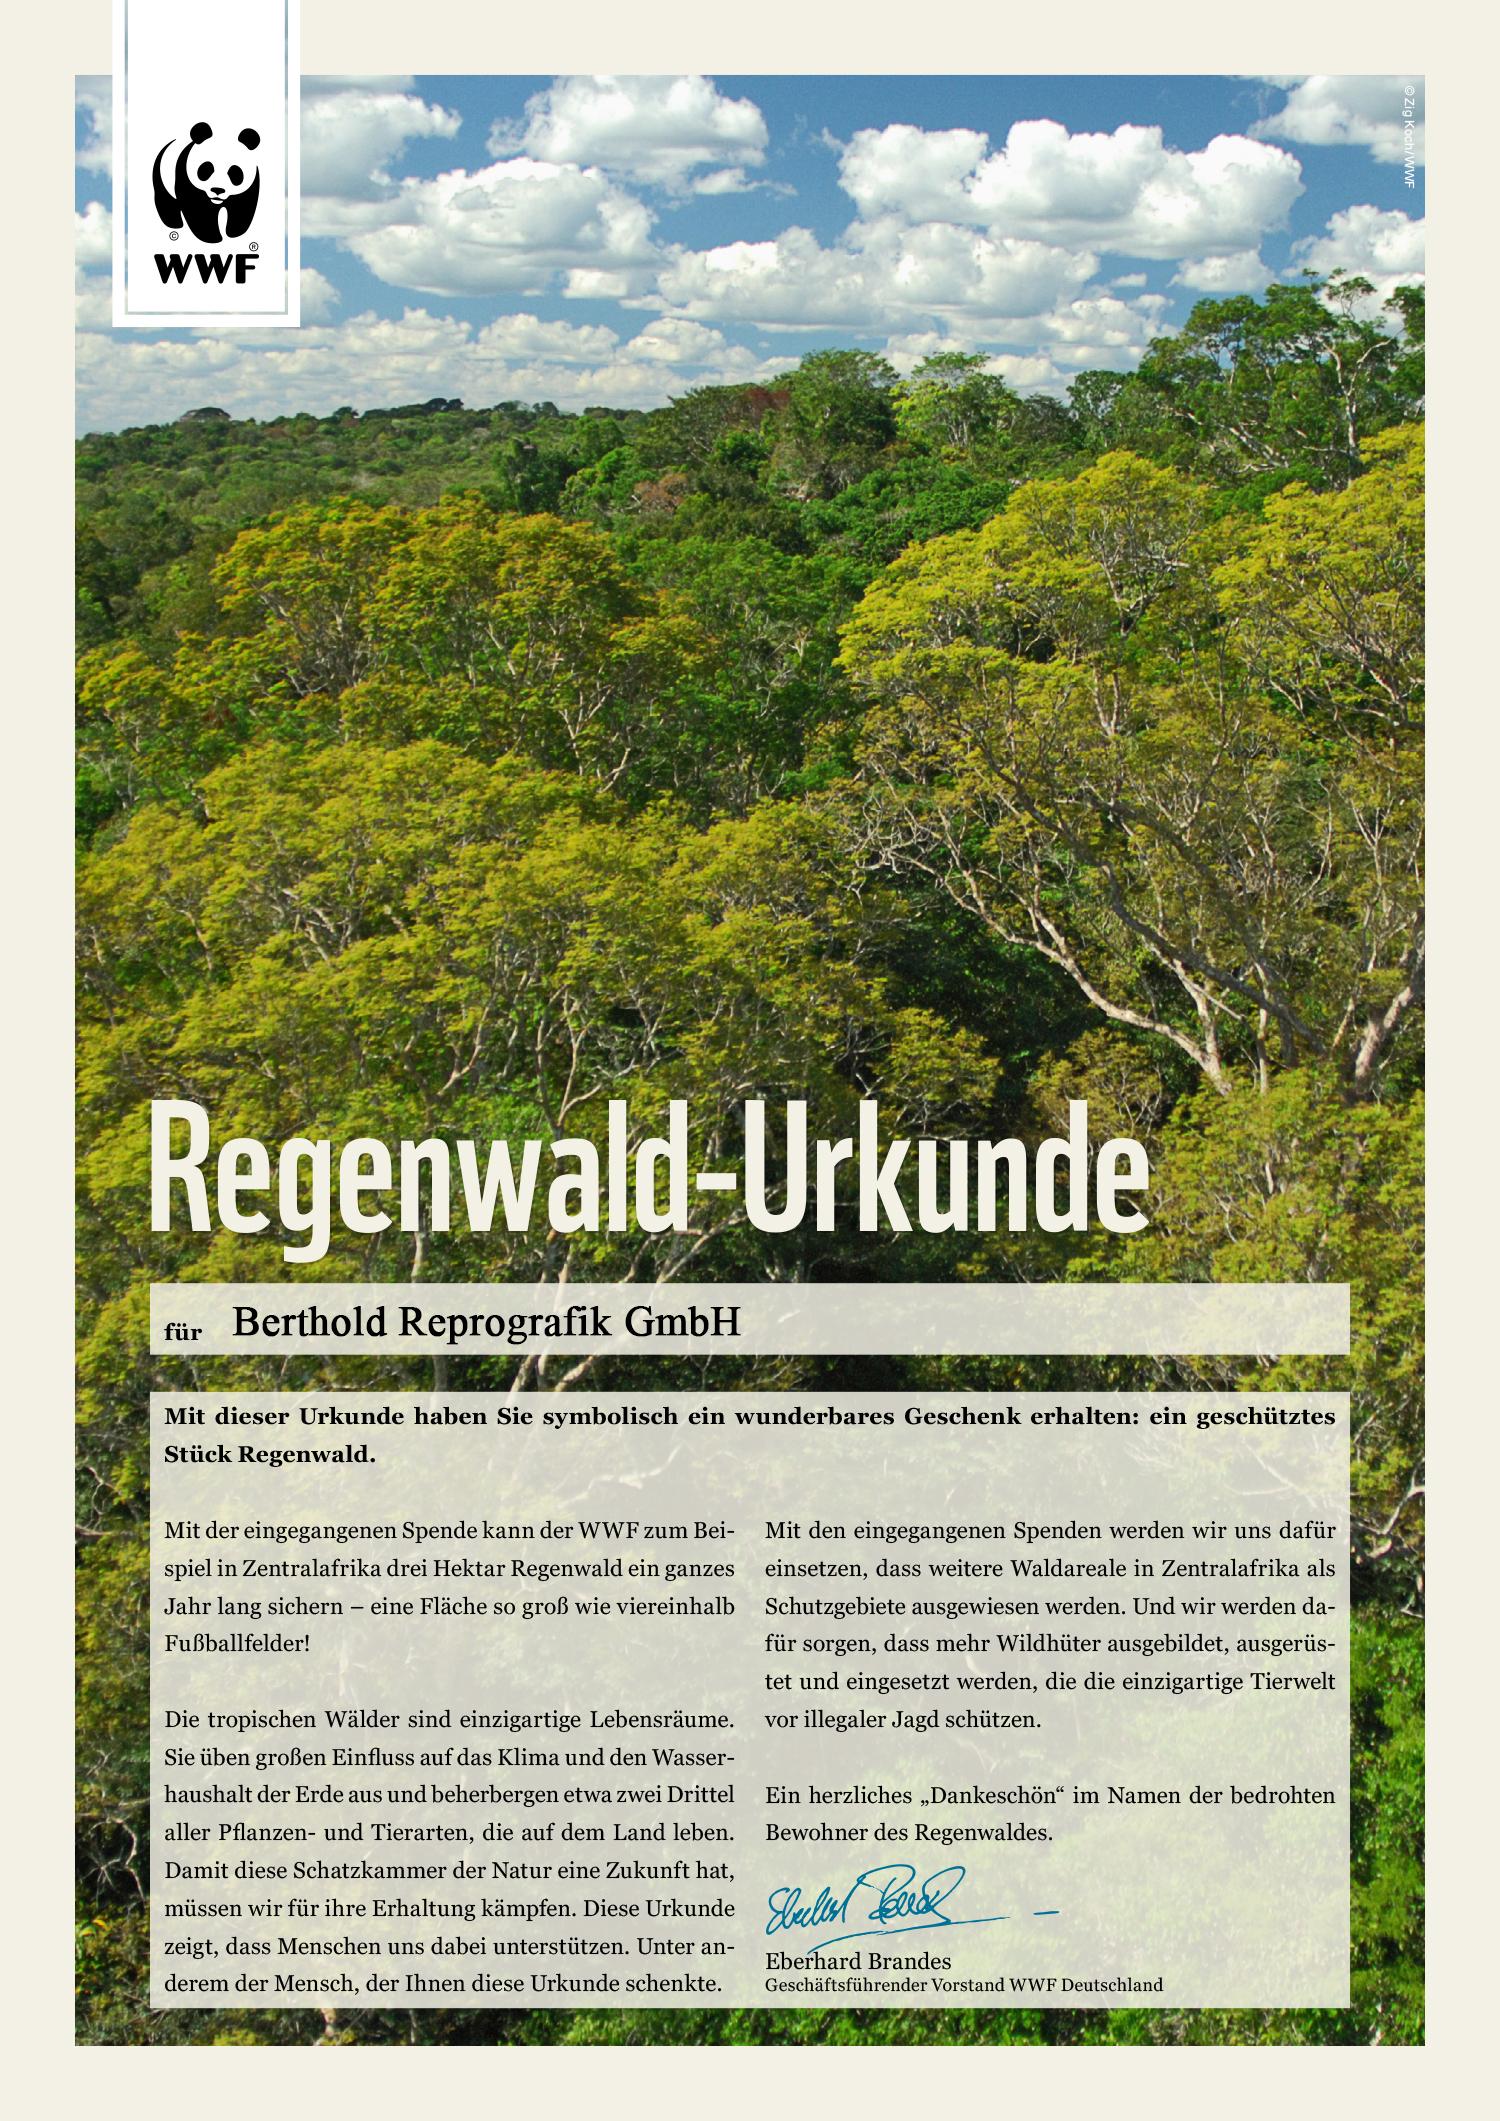 Regenwald-Urkunde